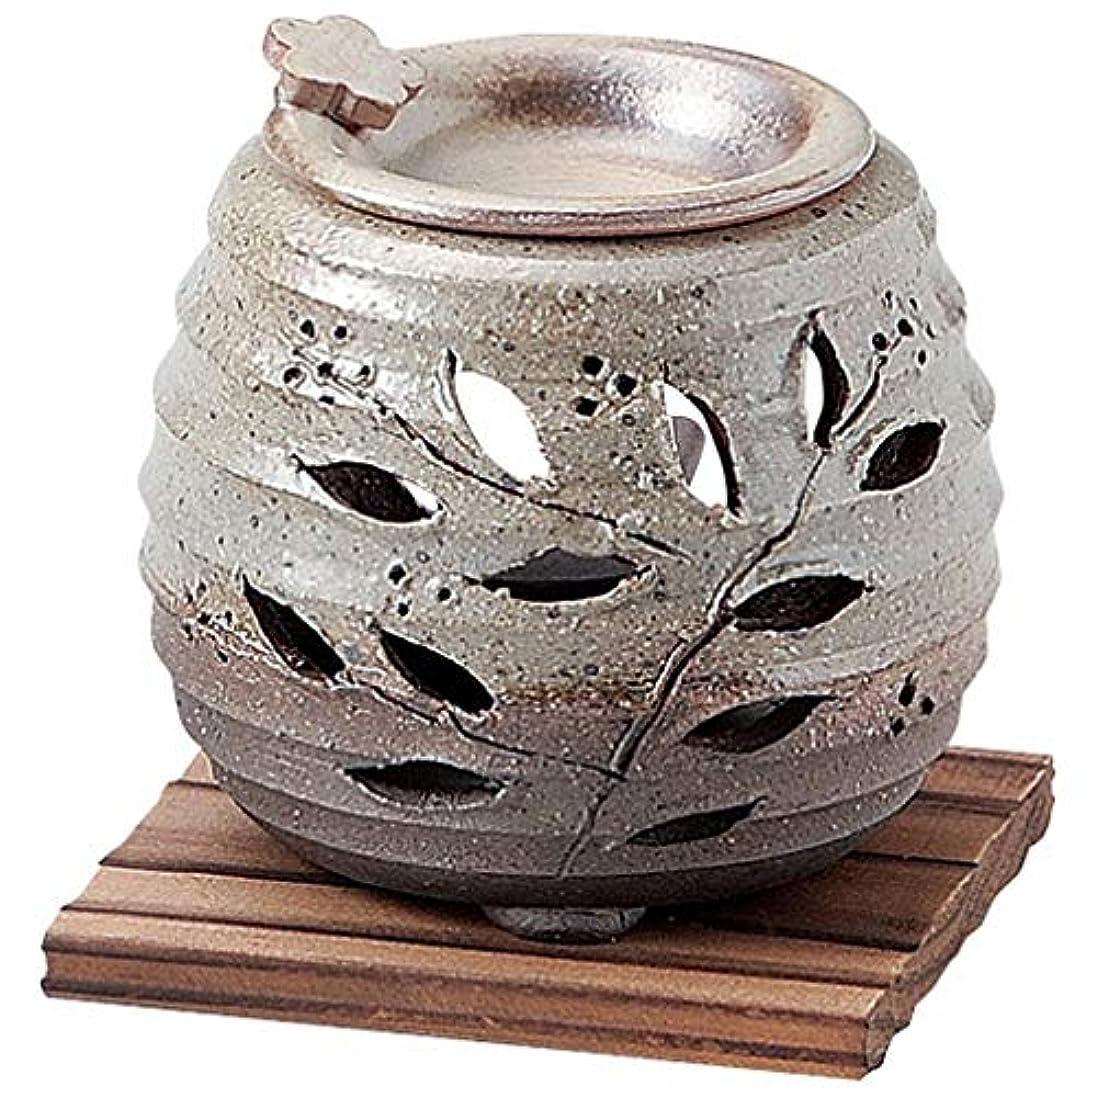 ウールグレートオークアフリカ人お部屋の消臭に!■常滑焼【茶香炉】石龍作 緑灰釉花茶香炉(板付)